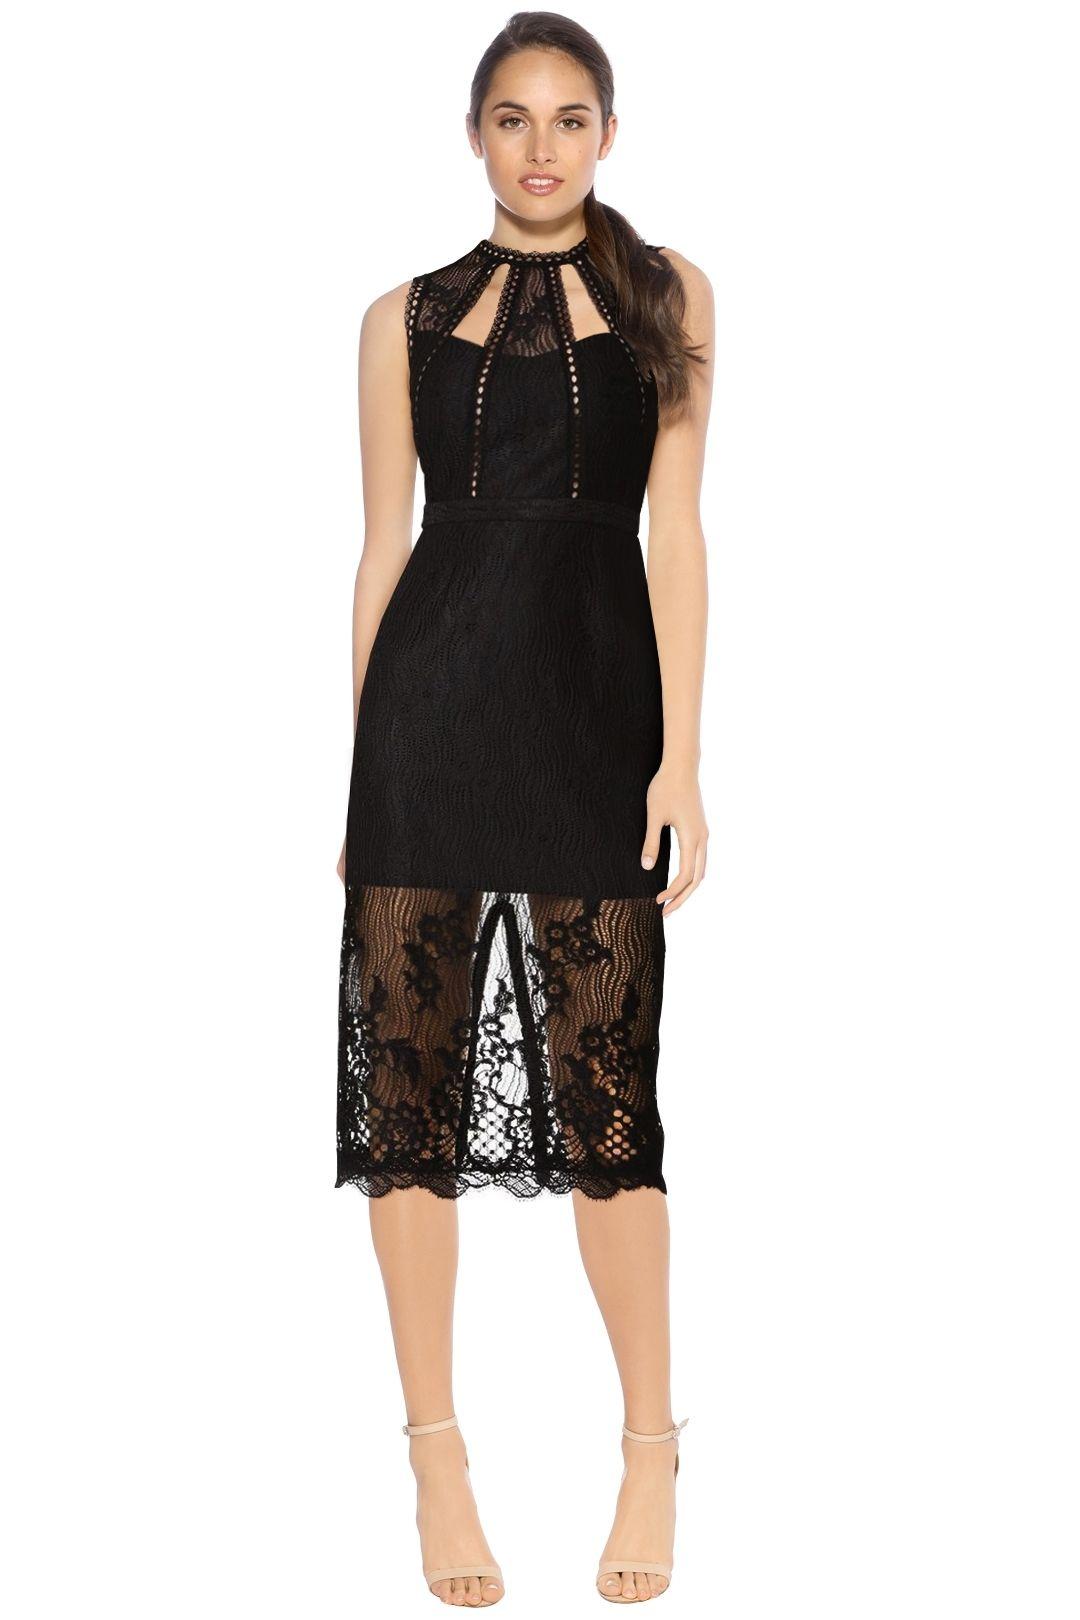 Alexis - Oralie Dress - Black - Front